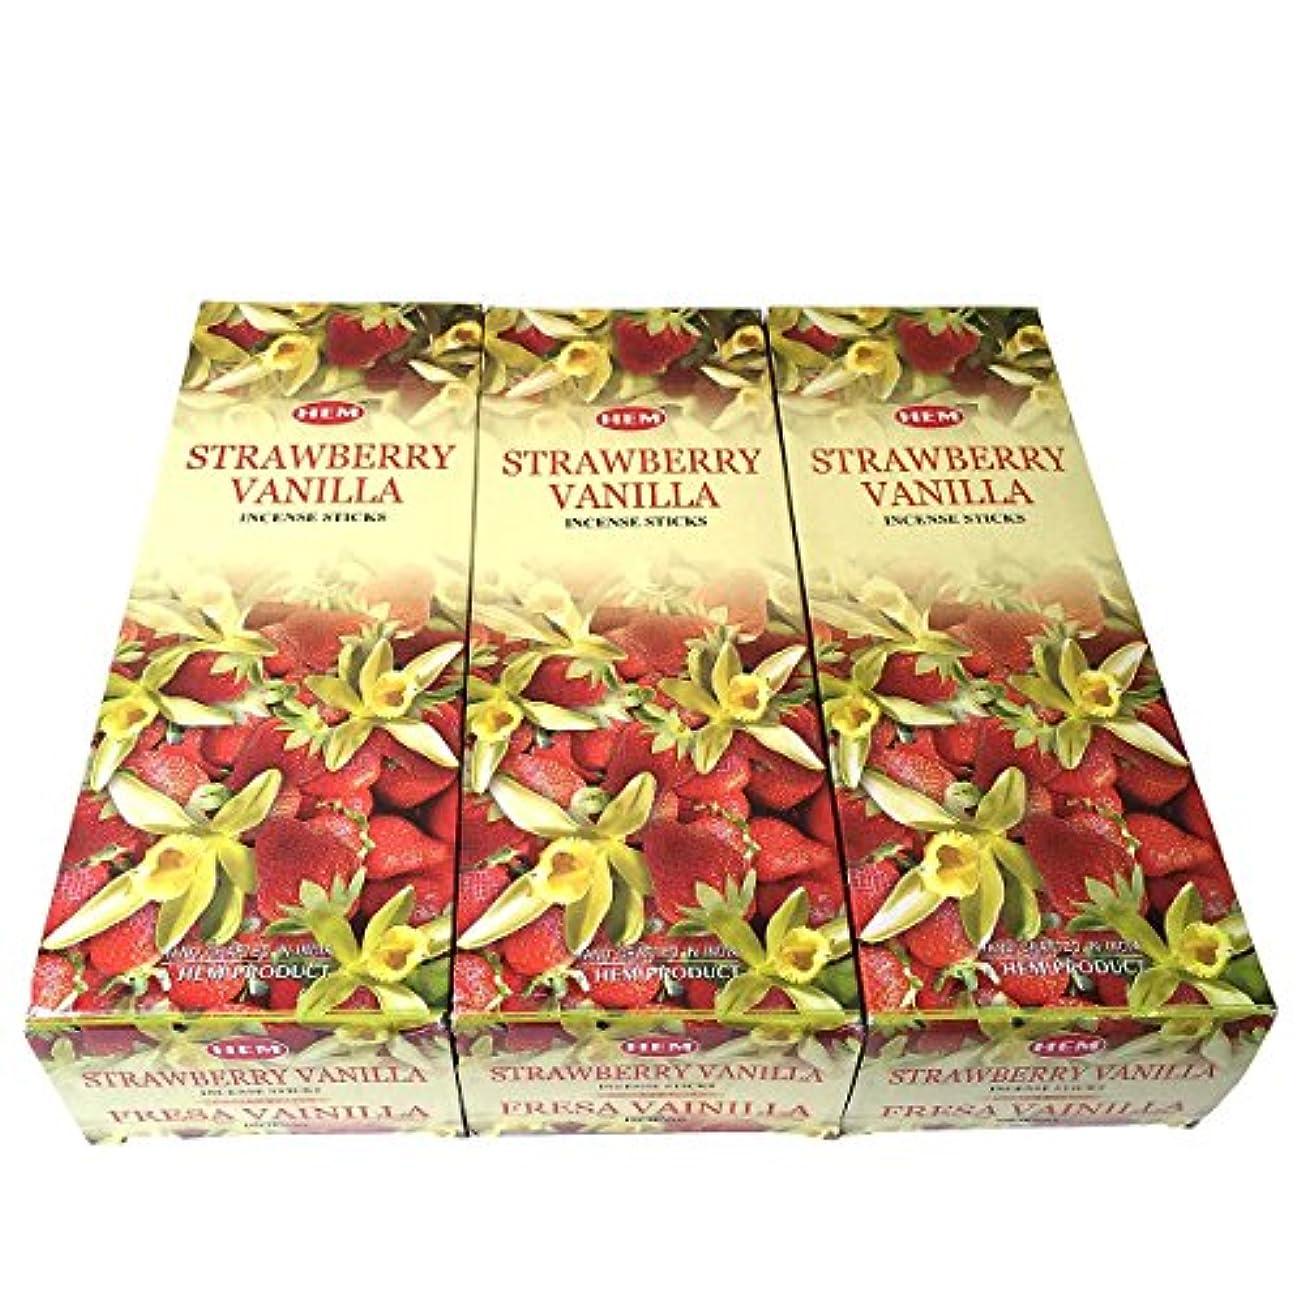 染料ジャベスウィルソンスパークストロベリーバニラ香スティック 3BOX(18箱) /HEM STRAWBERRY VANILLA/インセンス/インド香 お香 [並行輸入品]